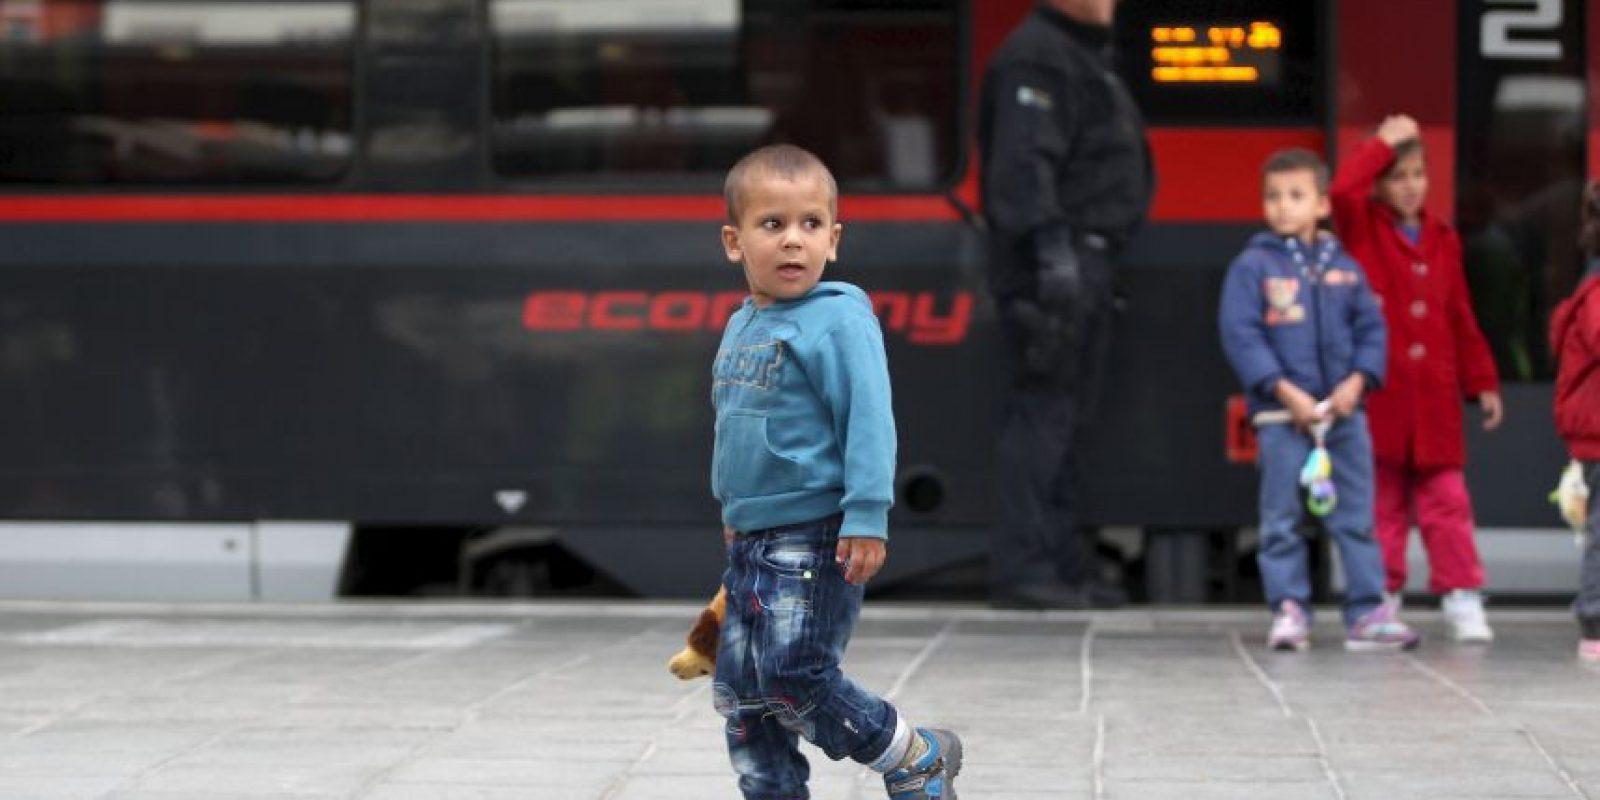 Esto, después de que 71 migrantes murieron dentro de un camión que fue abandonado Foto:Getty Images